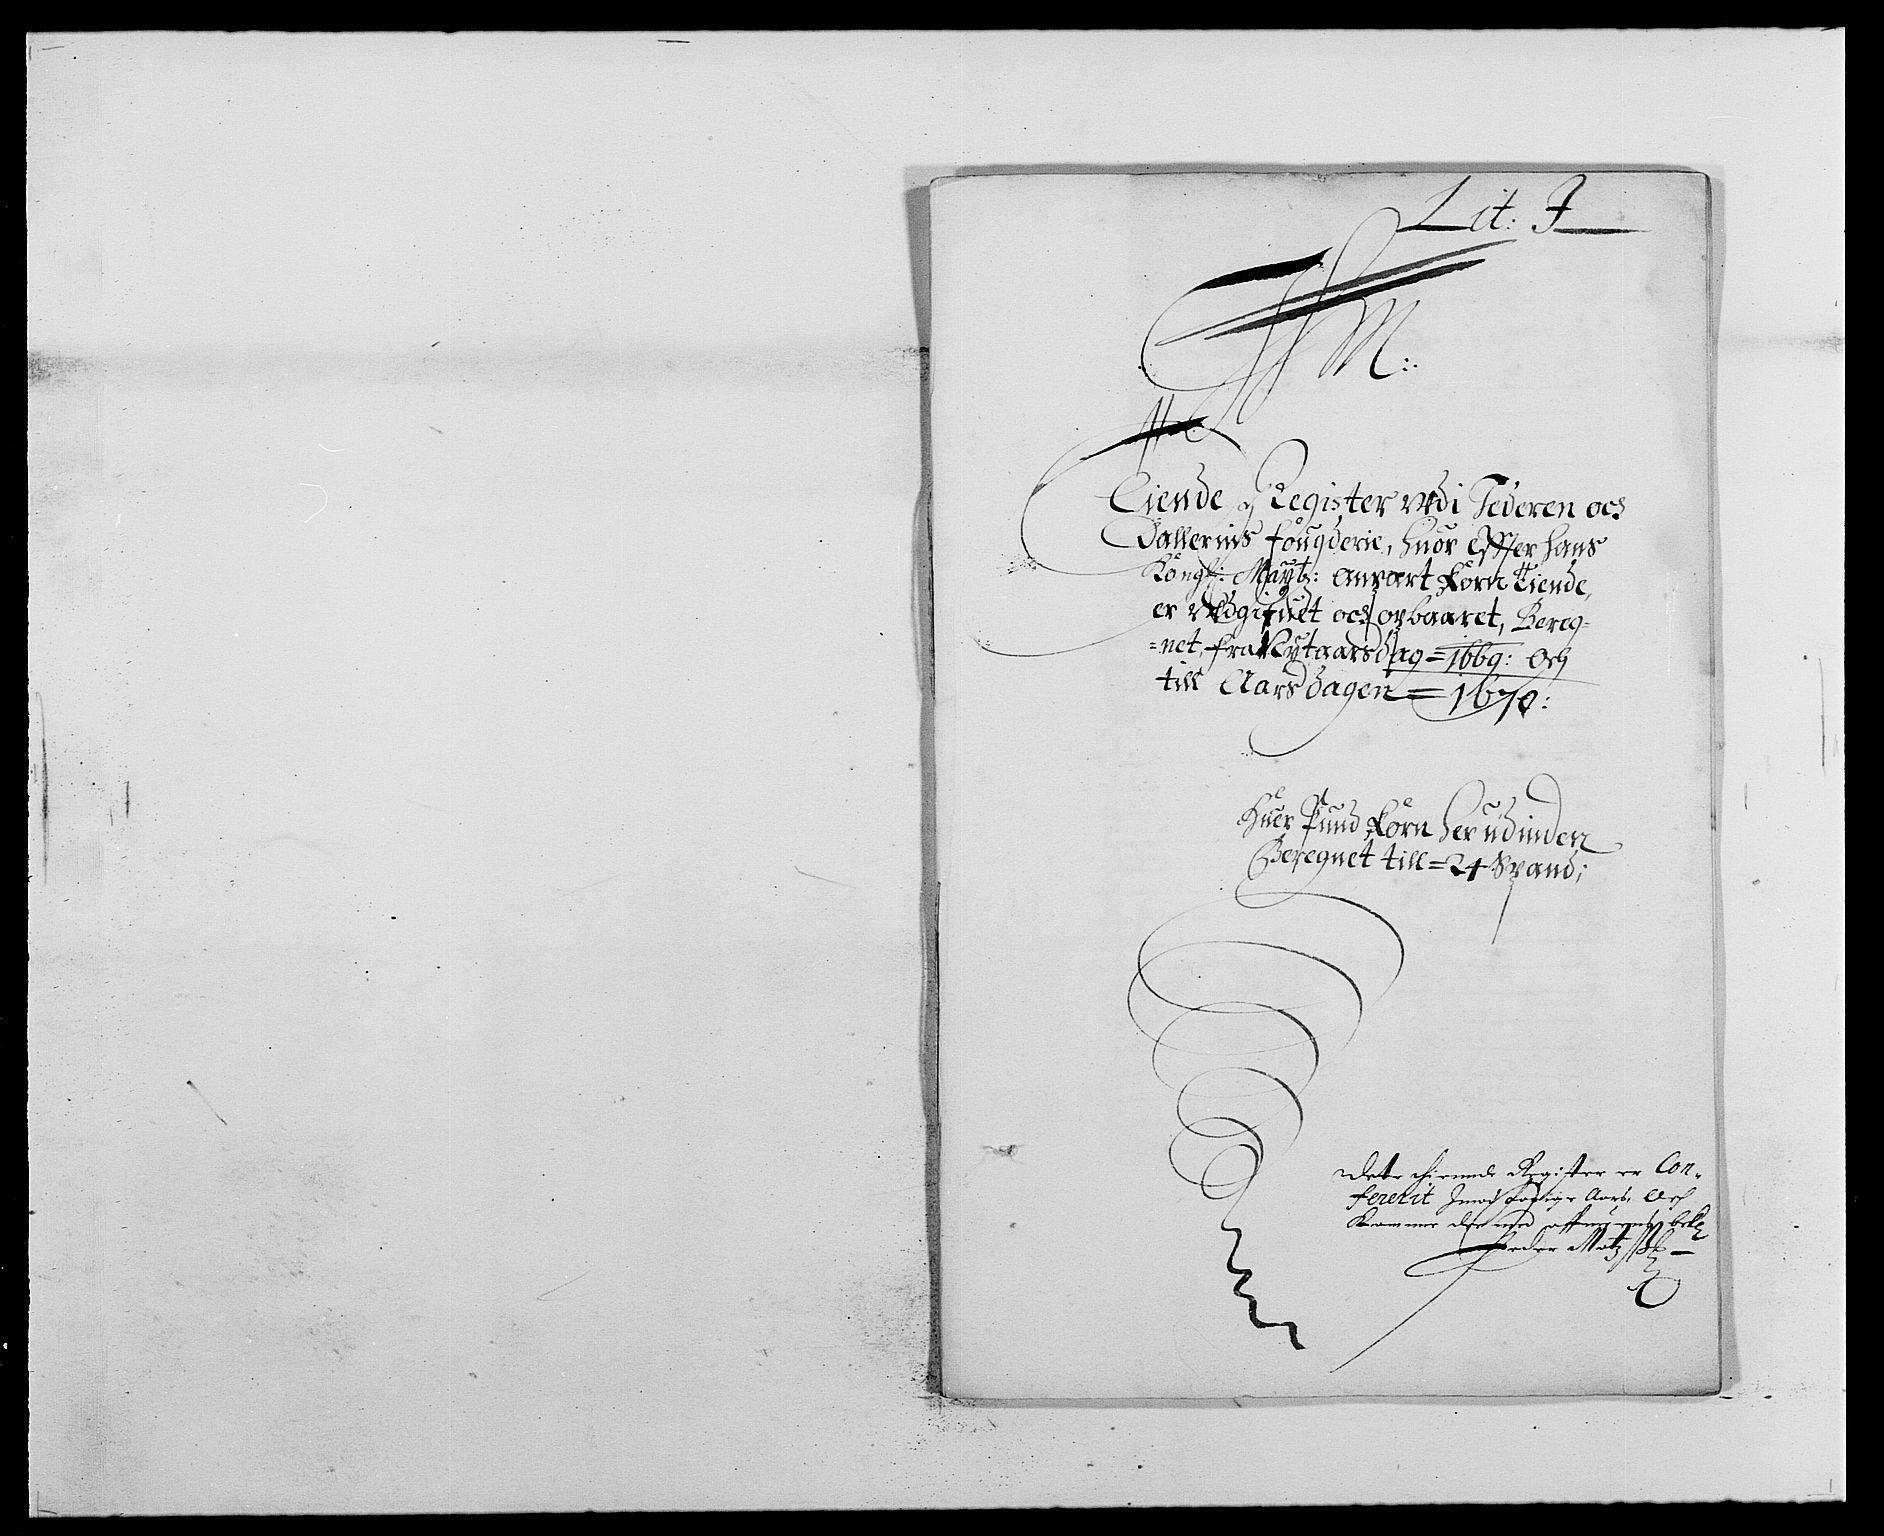 RA, Rentekammeret inntil 1814, Reviderte regnskaper, Fogderegnskap, R46/L2711: Fogderegnskap Jæren og Dalane, 1668-1670, s. 207